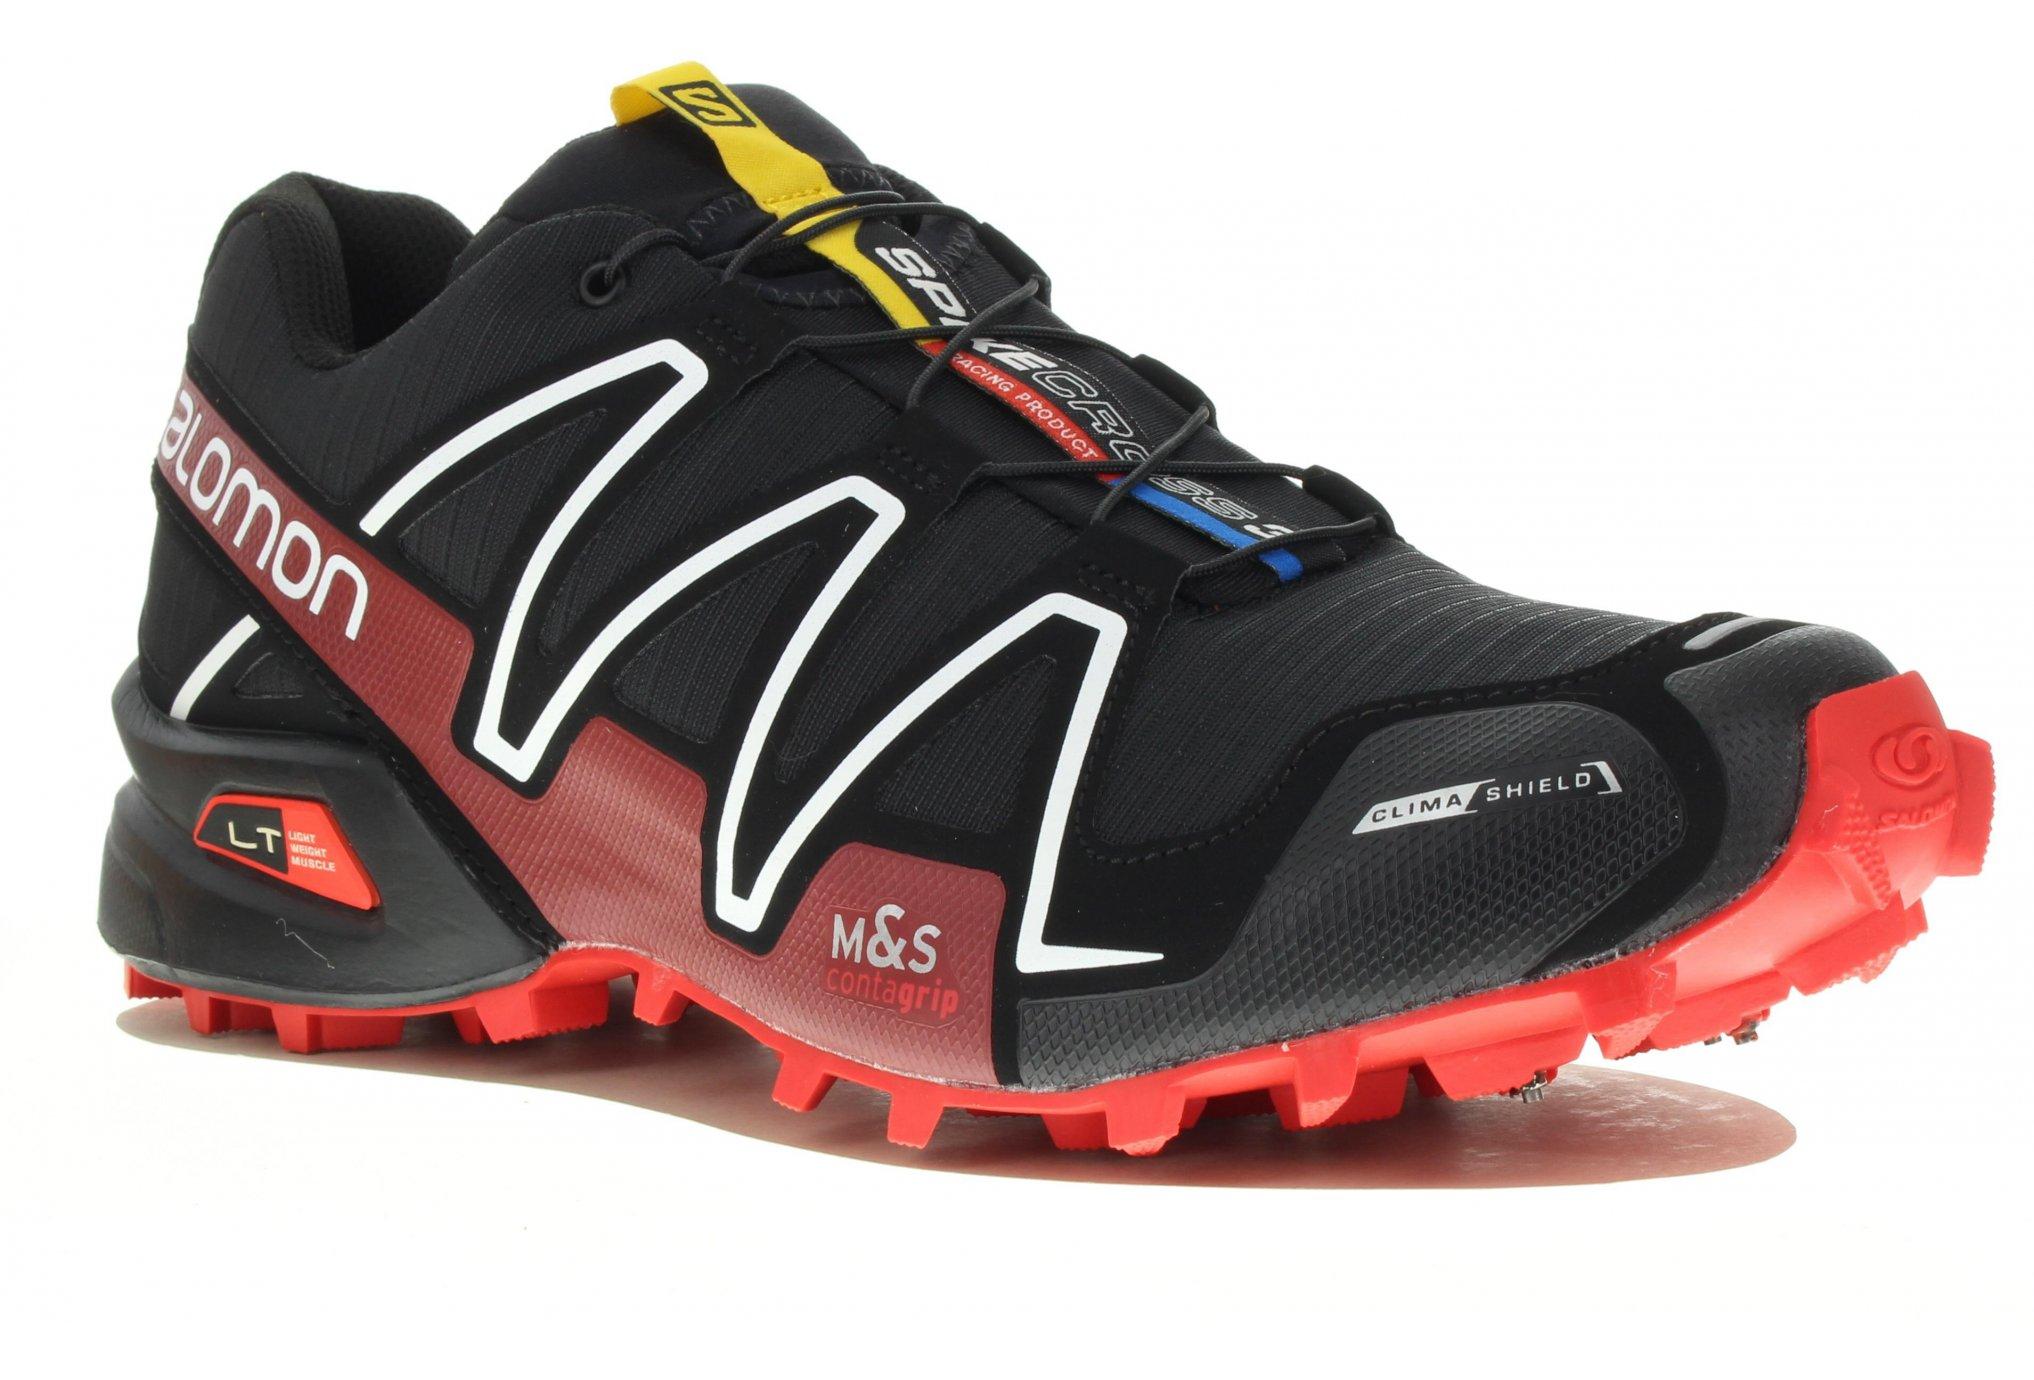 Salomon Spikecross 3 ClimaShield M Diététique Chaussures homme